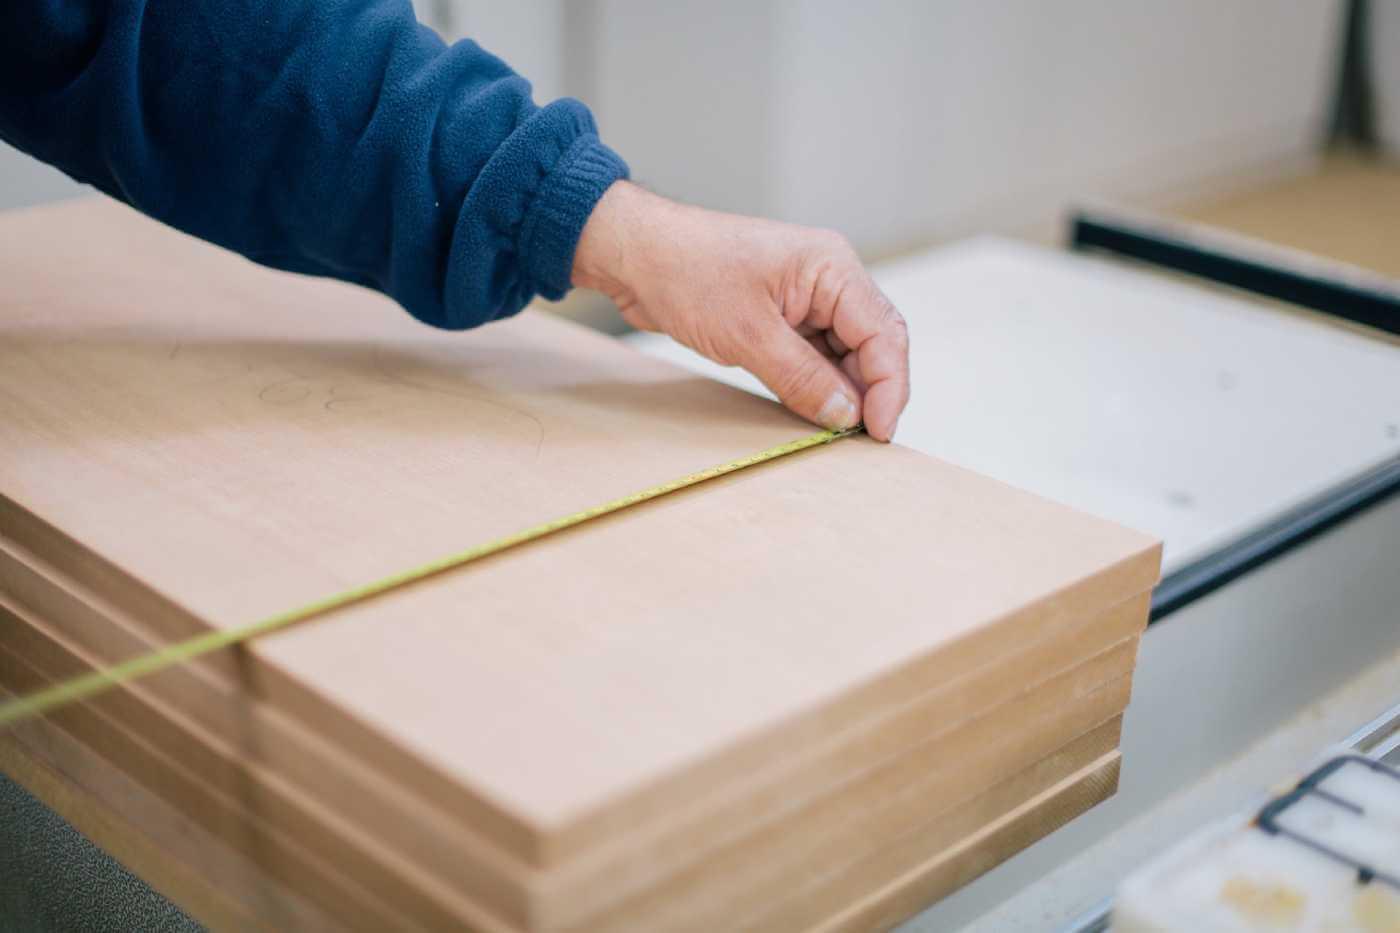 Atelierul de pe insula servicii CNC lemn contact header servicii